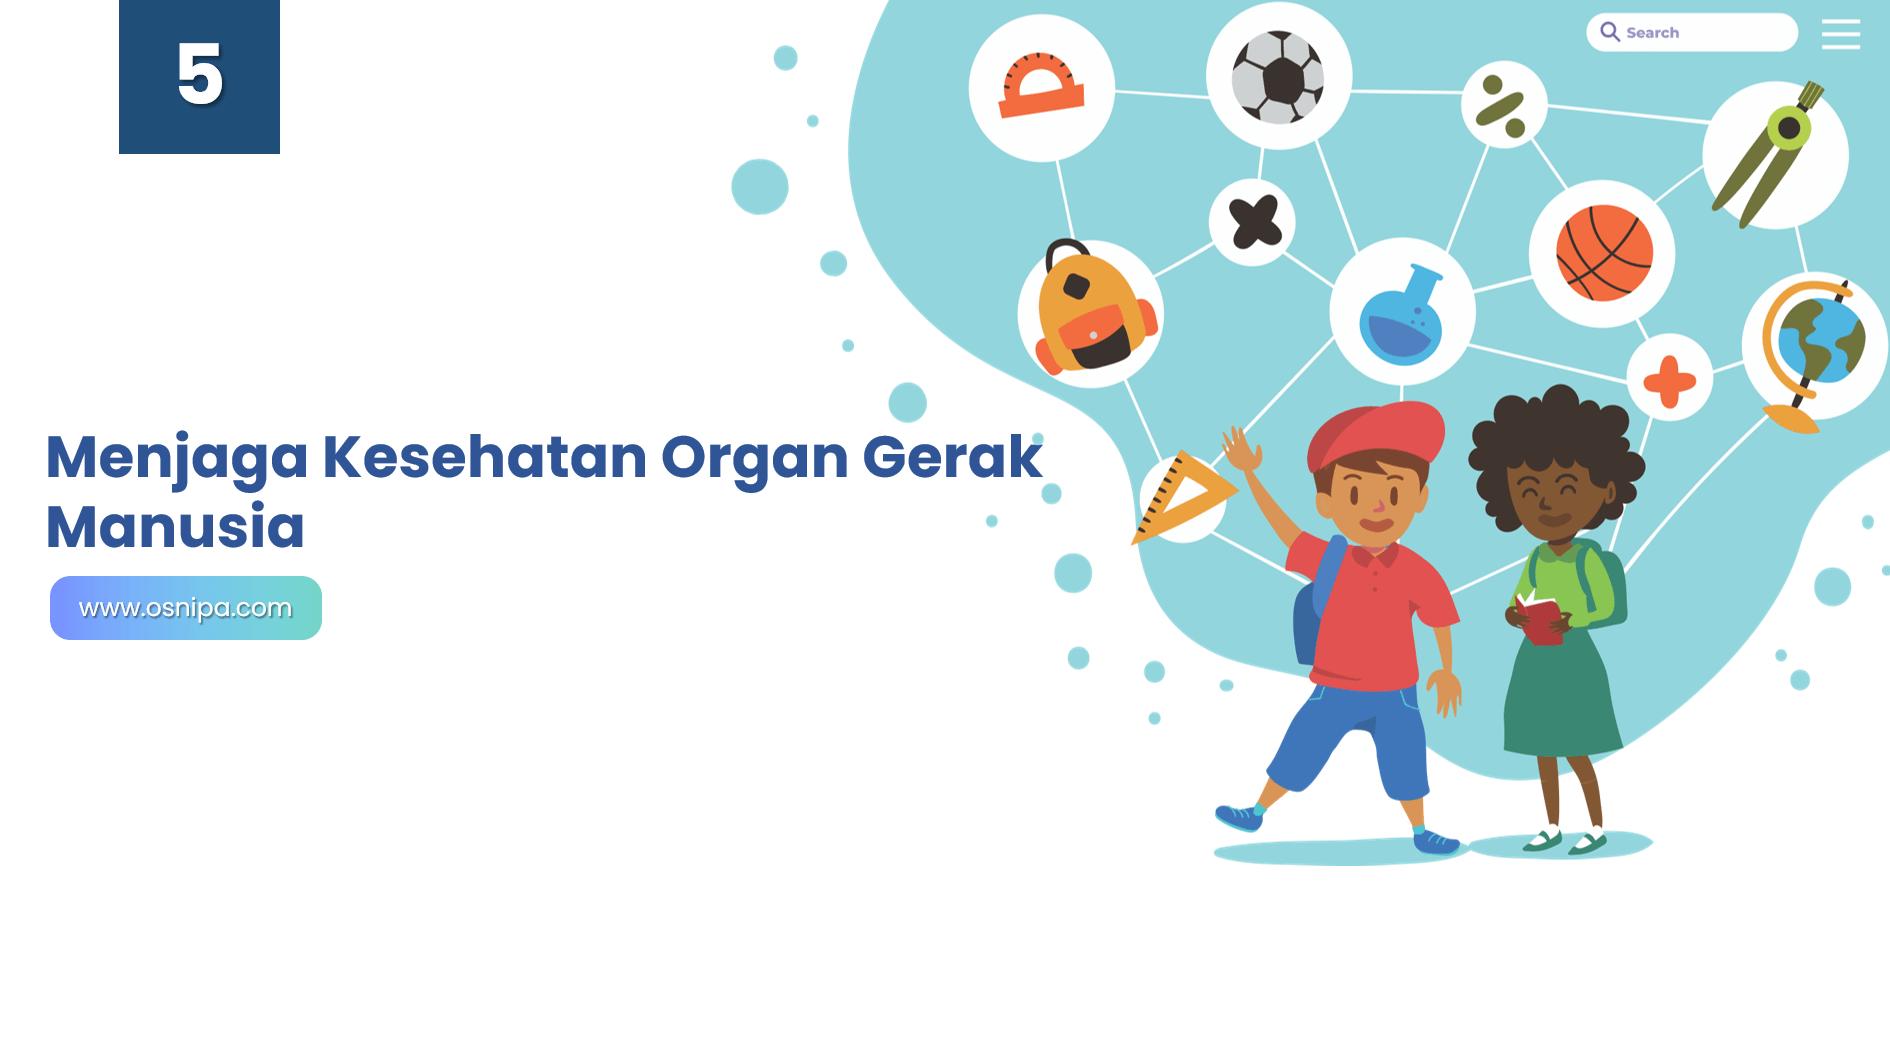 Menjaga Kesehatan Organ Gerak Manusia